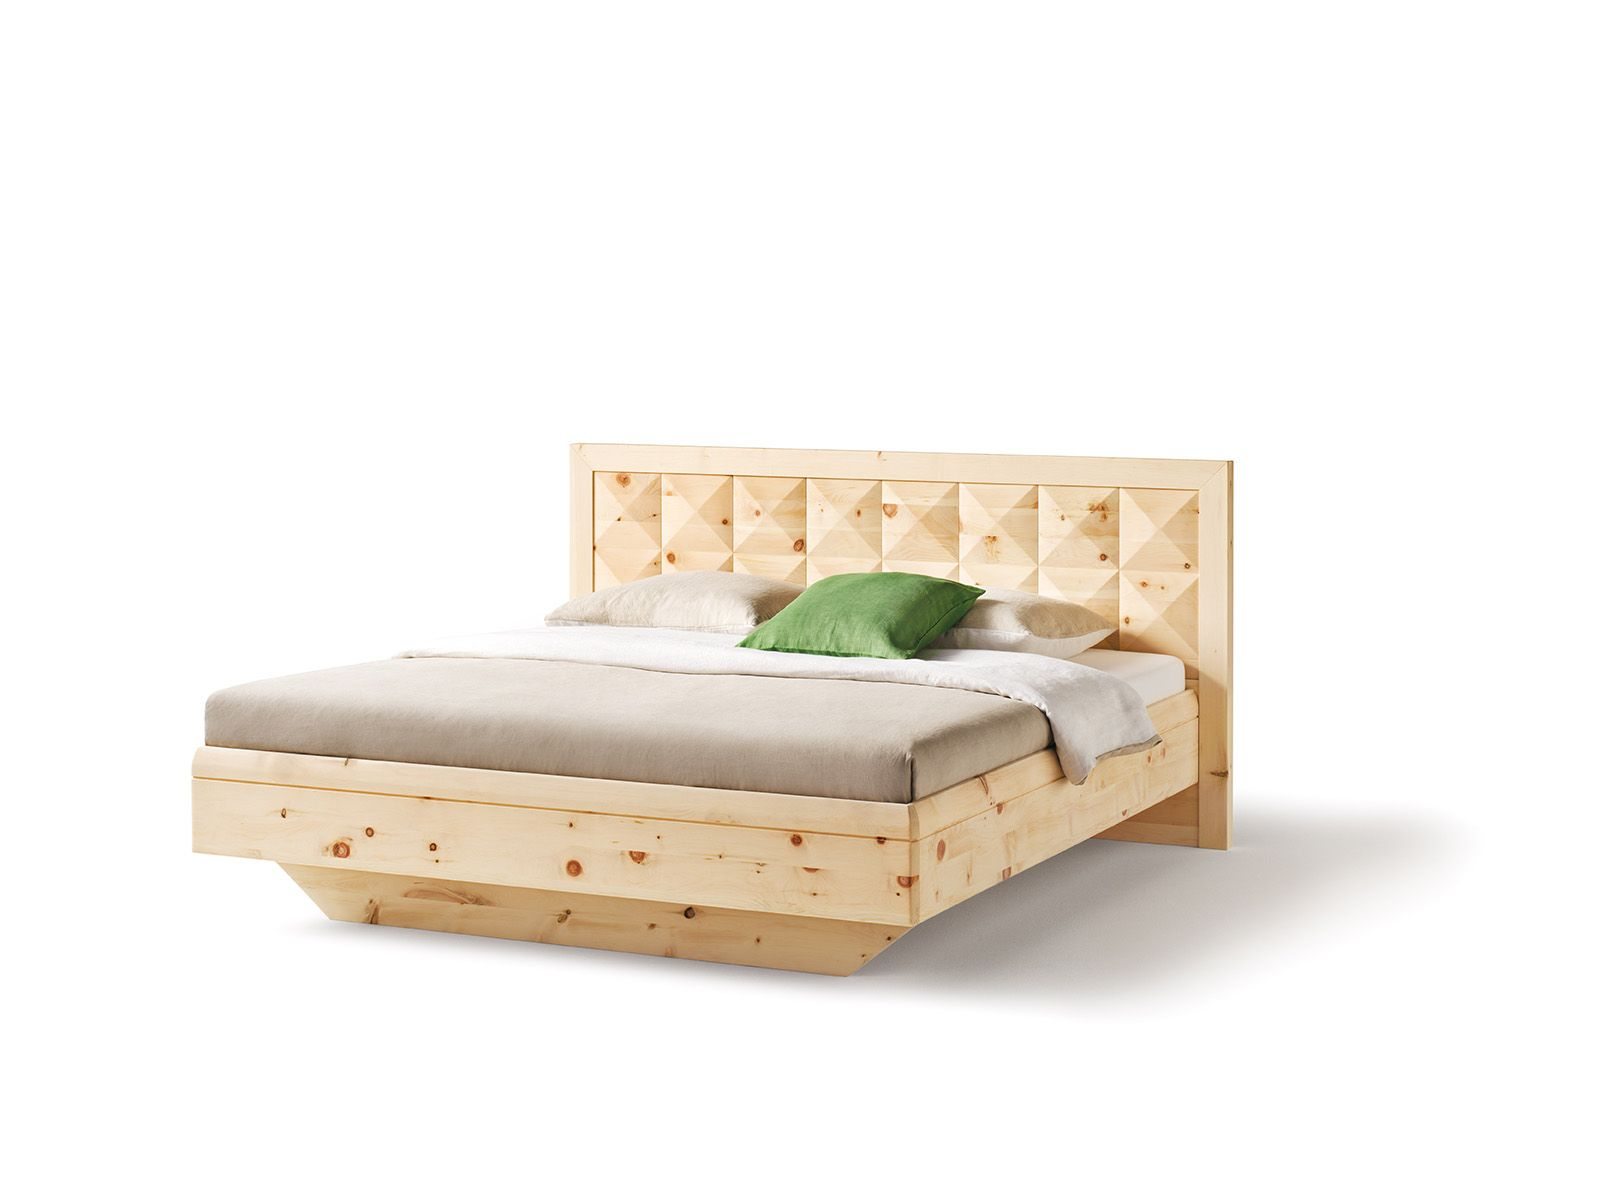 Das durch und durch aus massiver Zirbe bestehende Bett